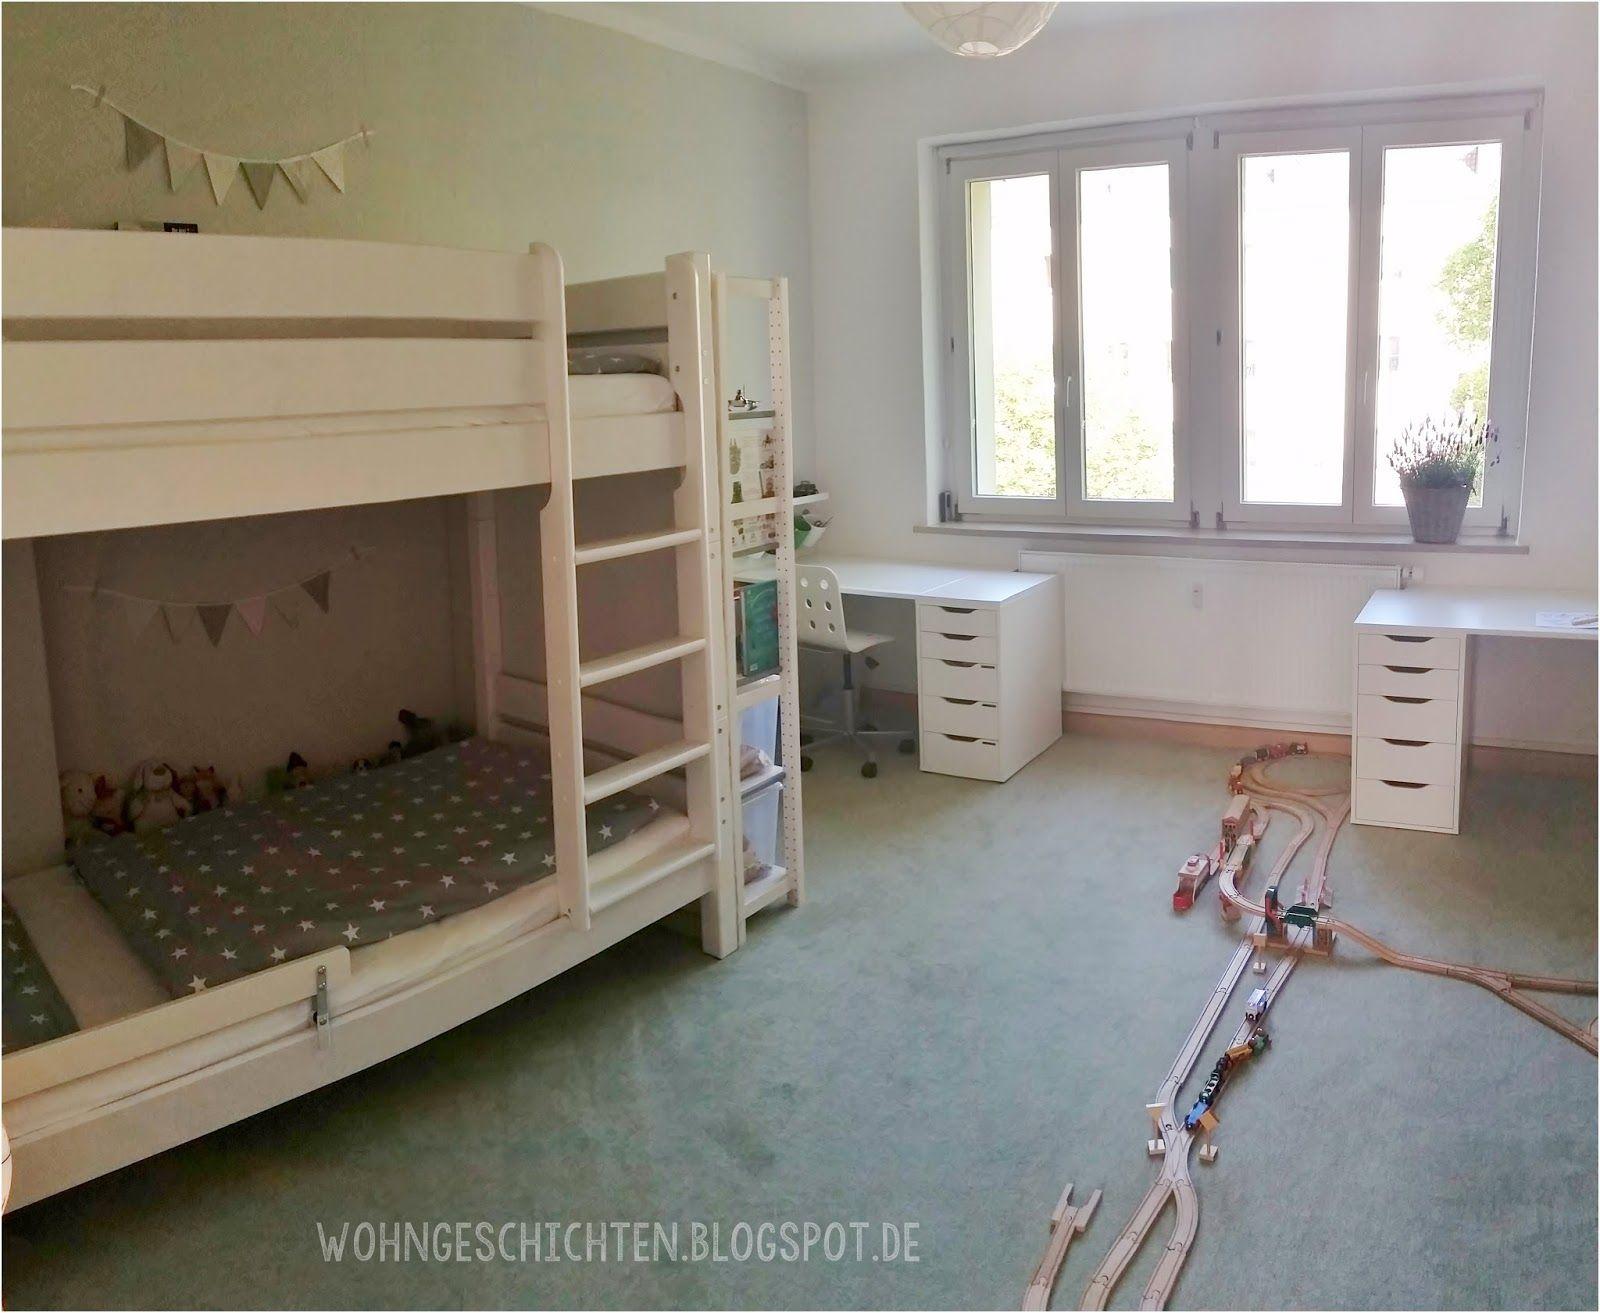 Etagenbett Mit Schreibtisch Und Kommode : Hellweg kinderzimmer etagenbett schreibtisch jugendzimmer baumarkt